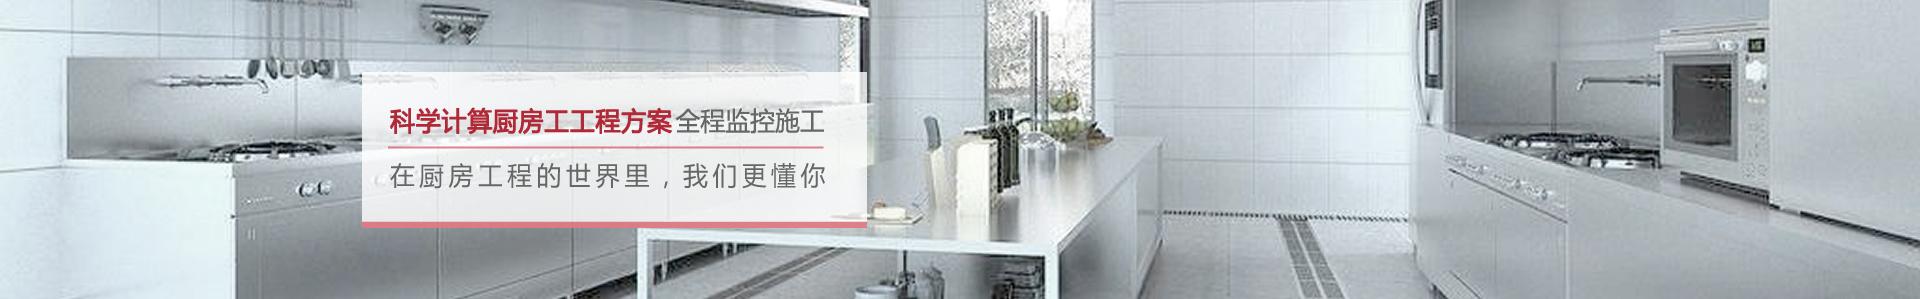 厨具|厨房设备|食堂设备